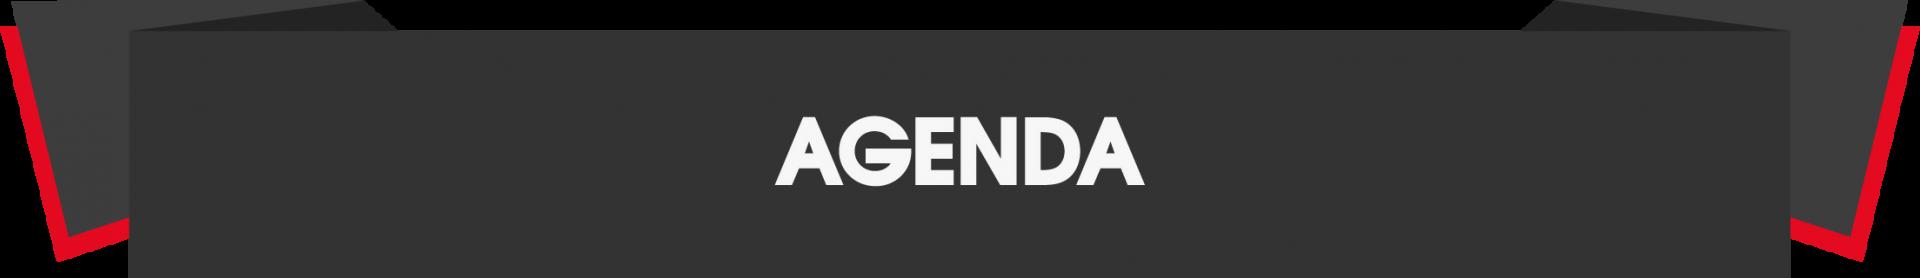 Agendafichier 39